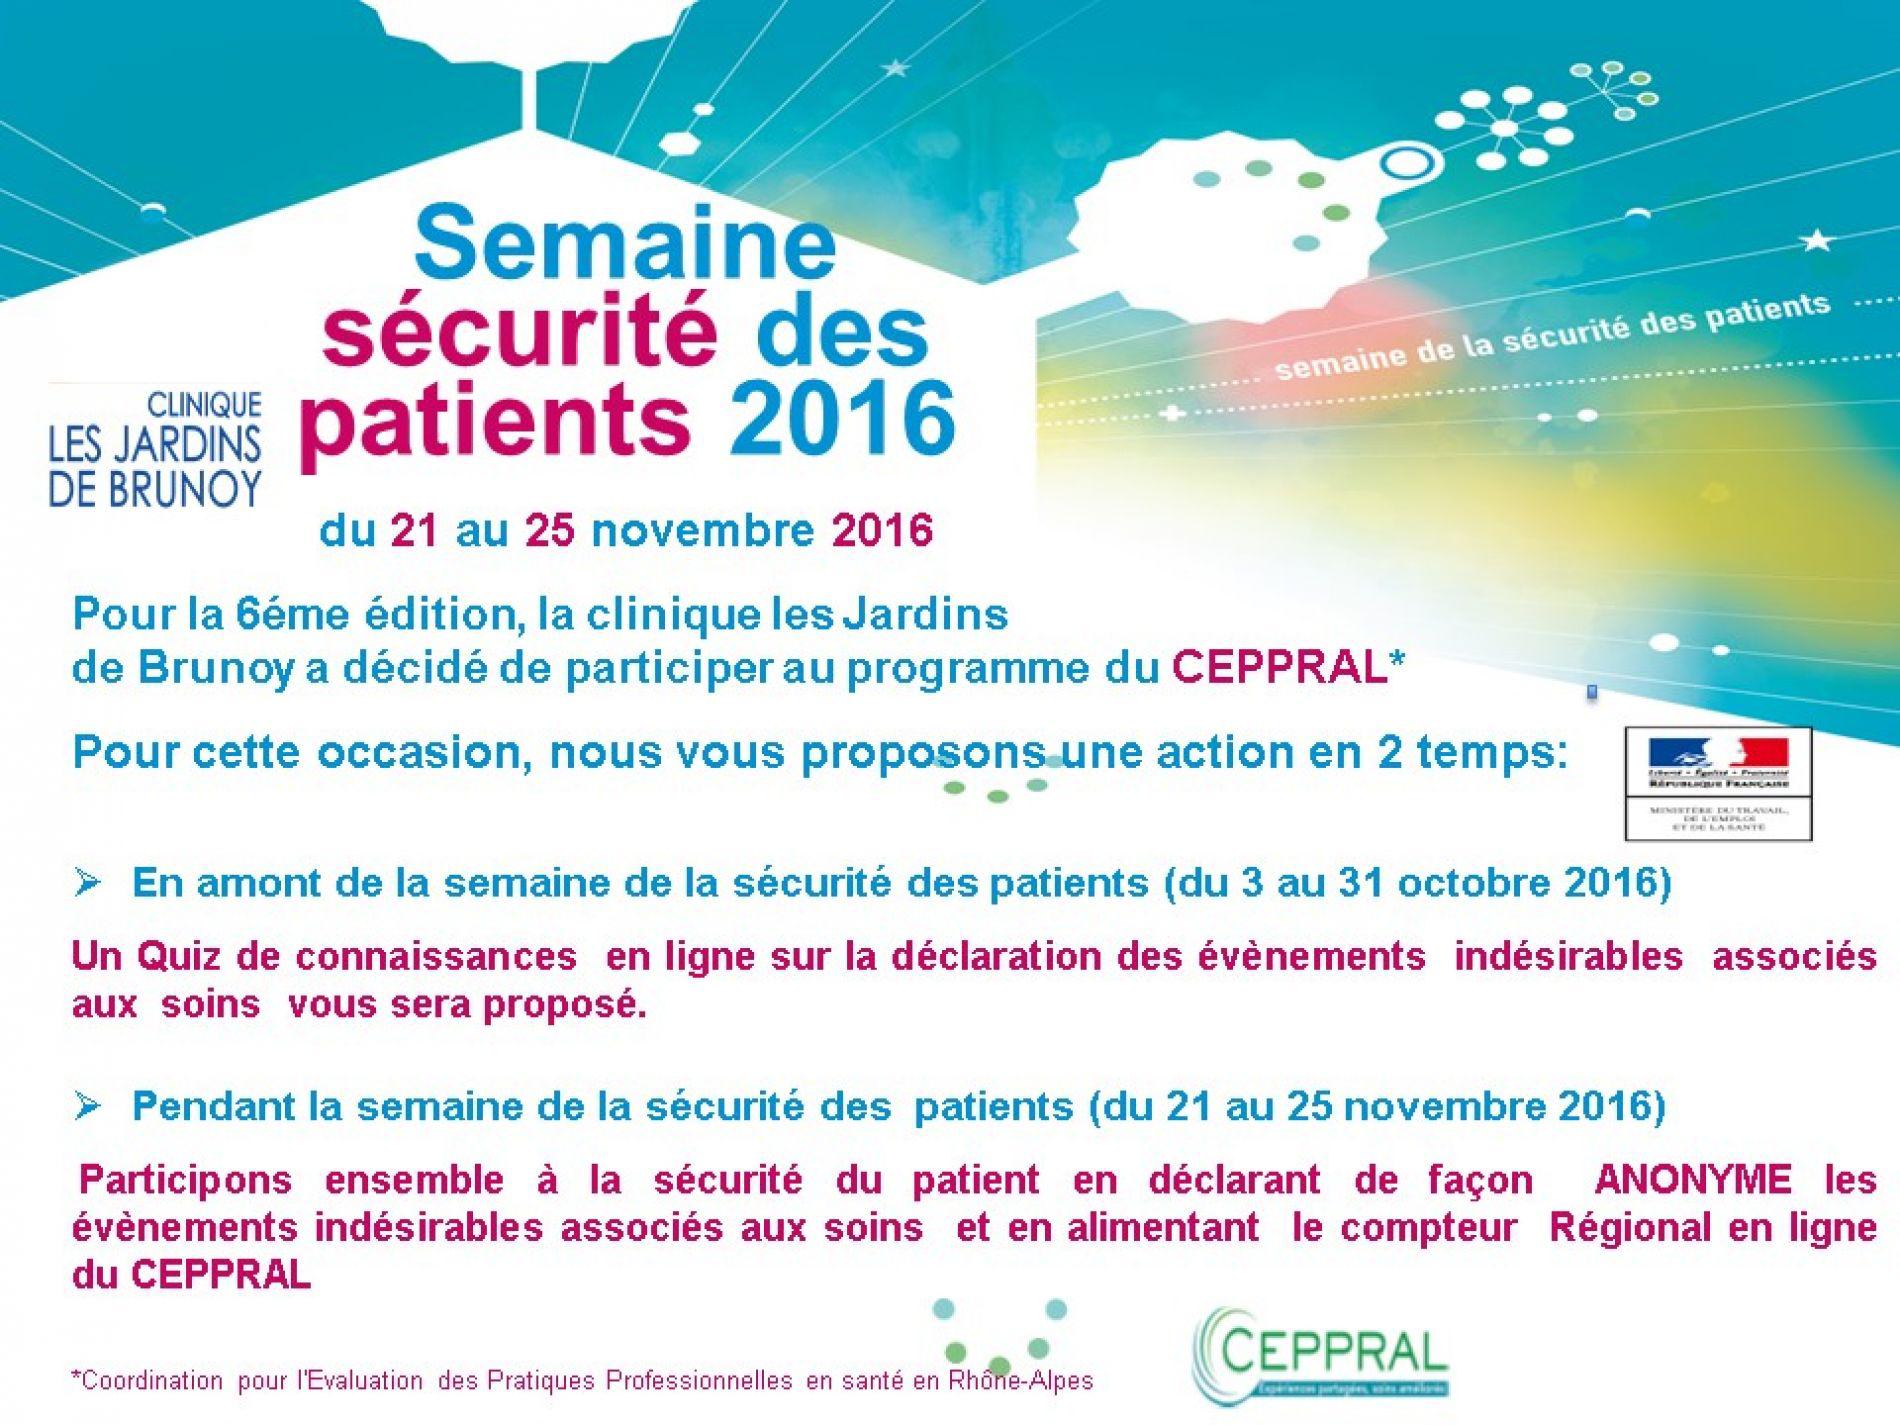 Semaine Sécurité Patients 2016